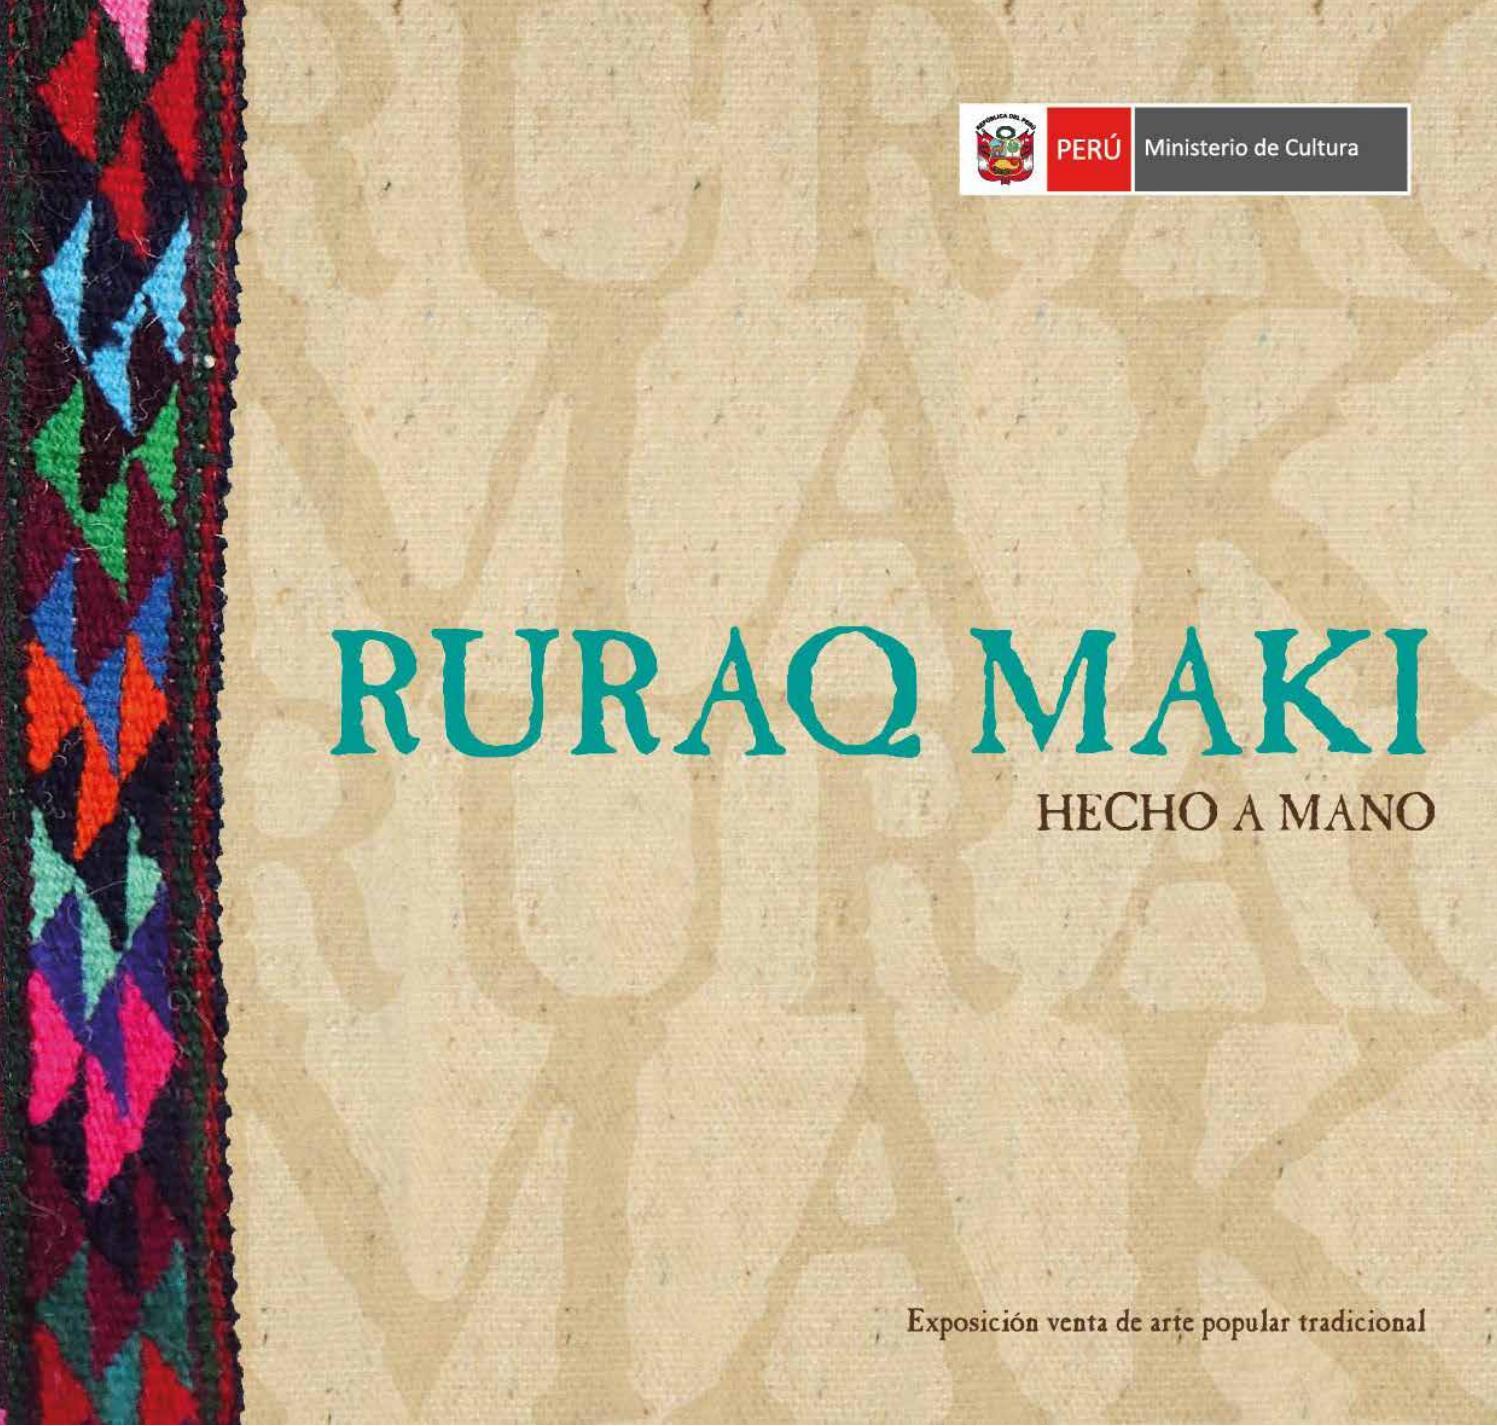 Ruraq Maki Julio-2017 by Ministerio de Cultura - issuu